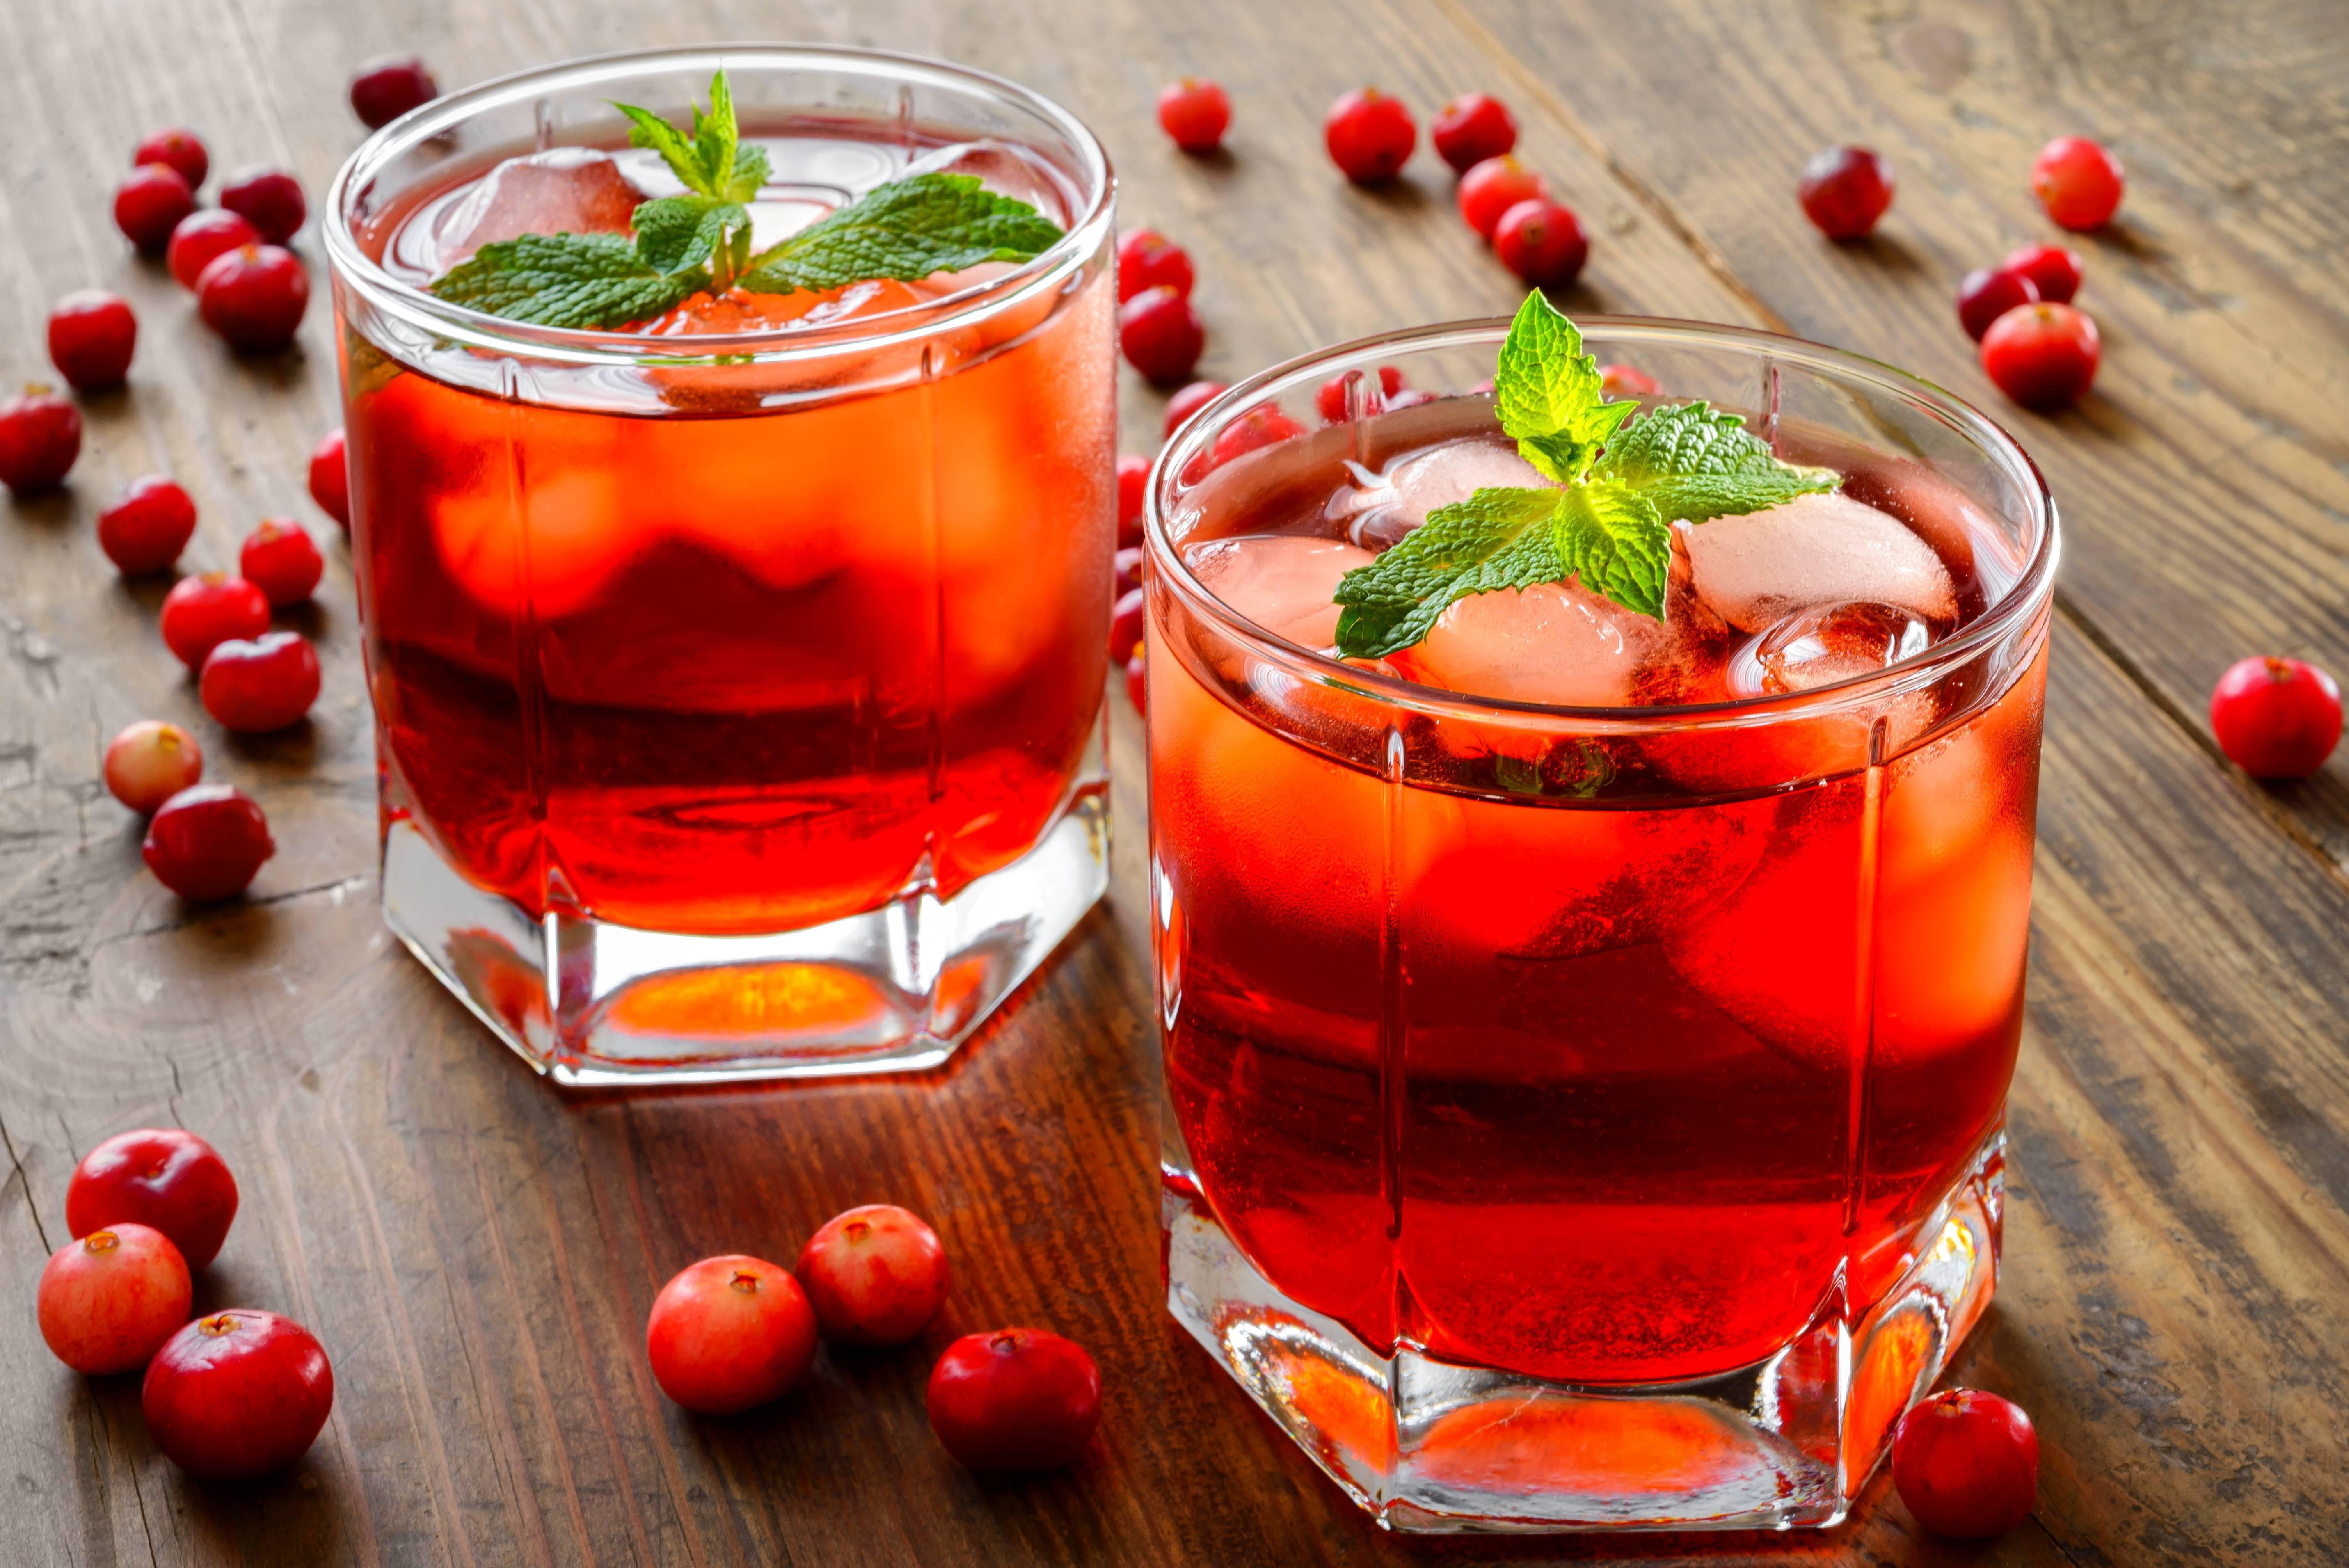 Настойка из бруснике: рецепты приготовления на водке (спирте) или самогоне в домашних условиях